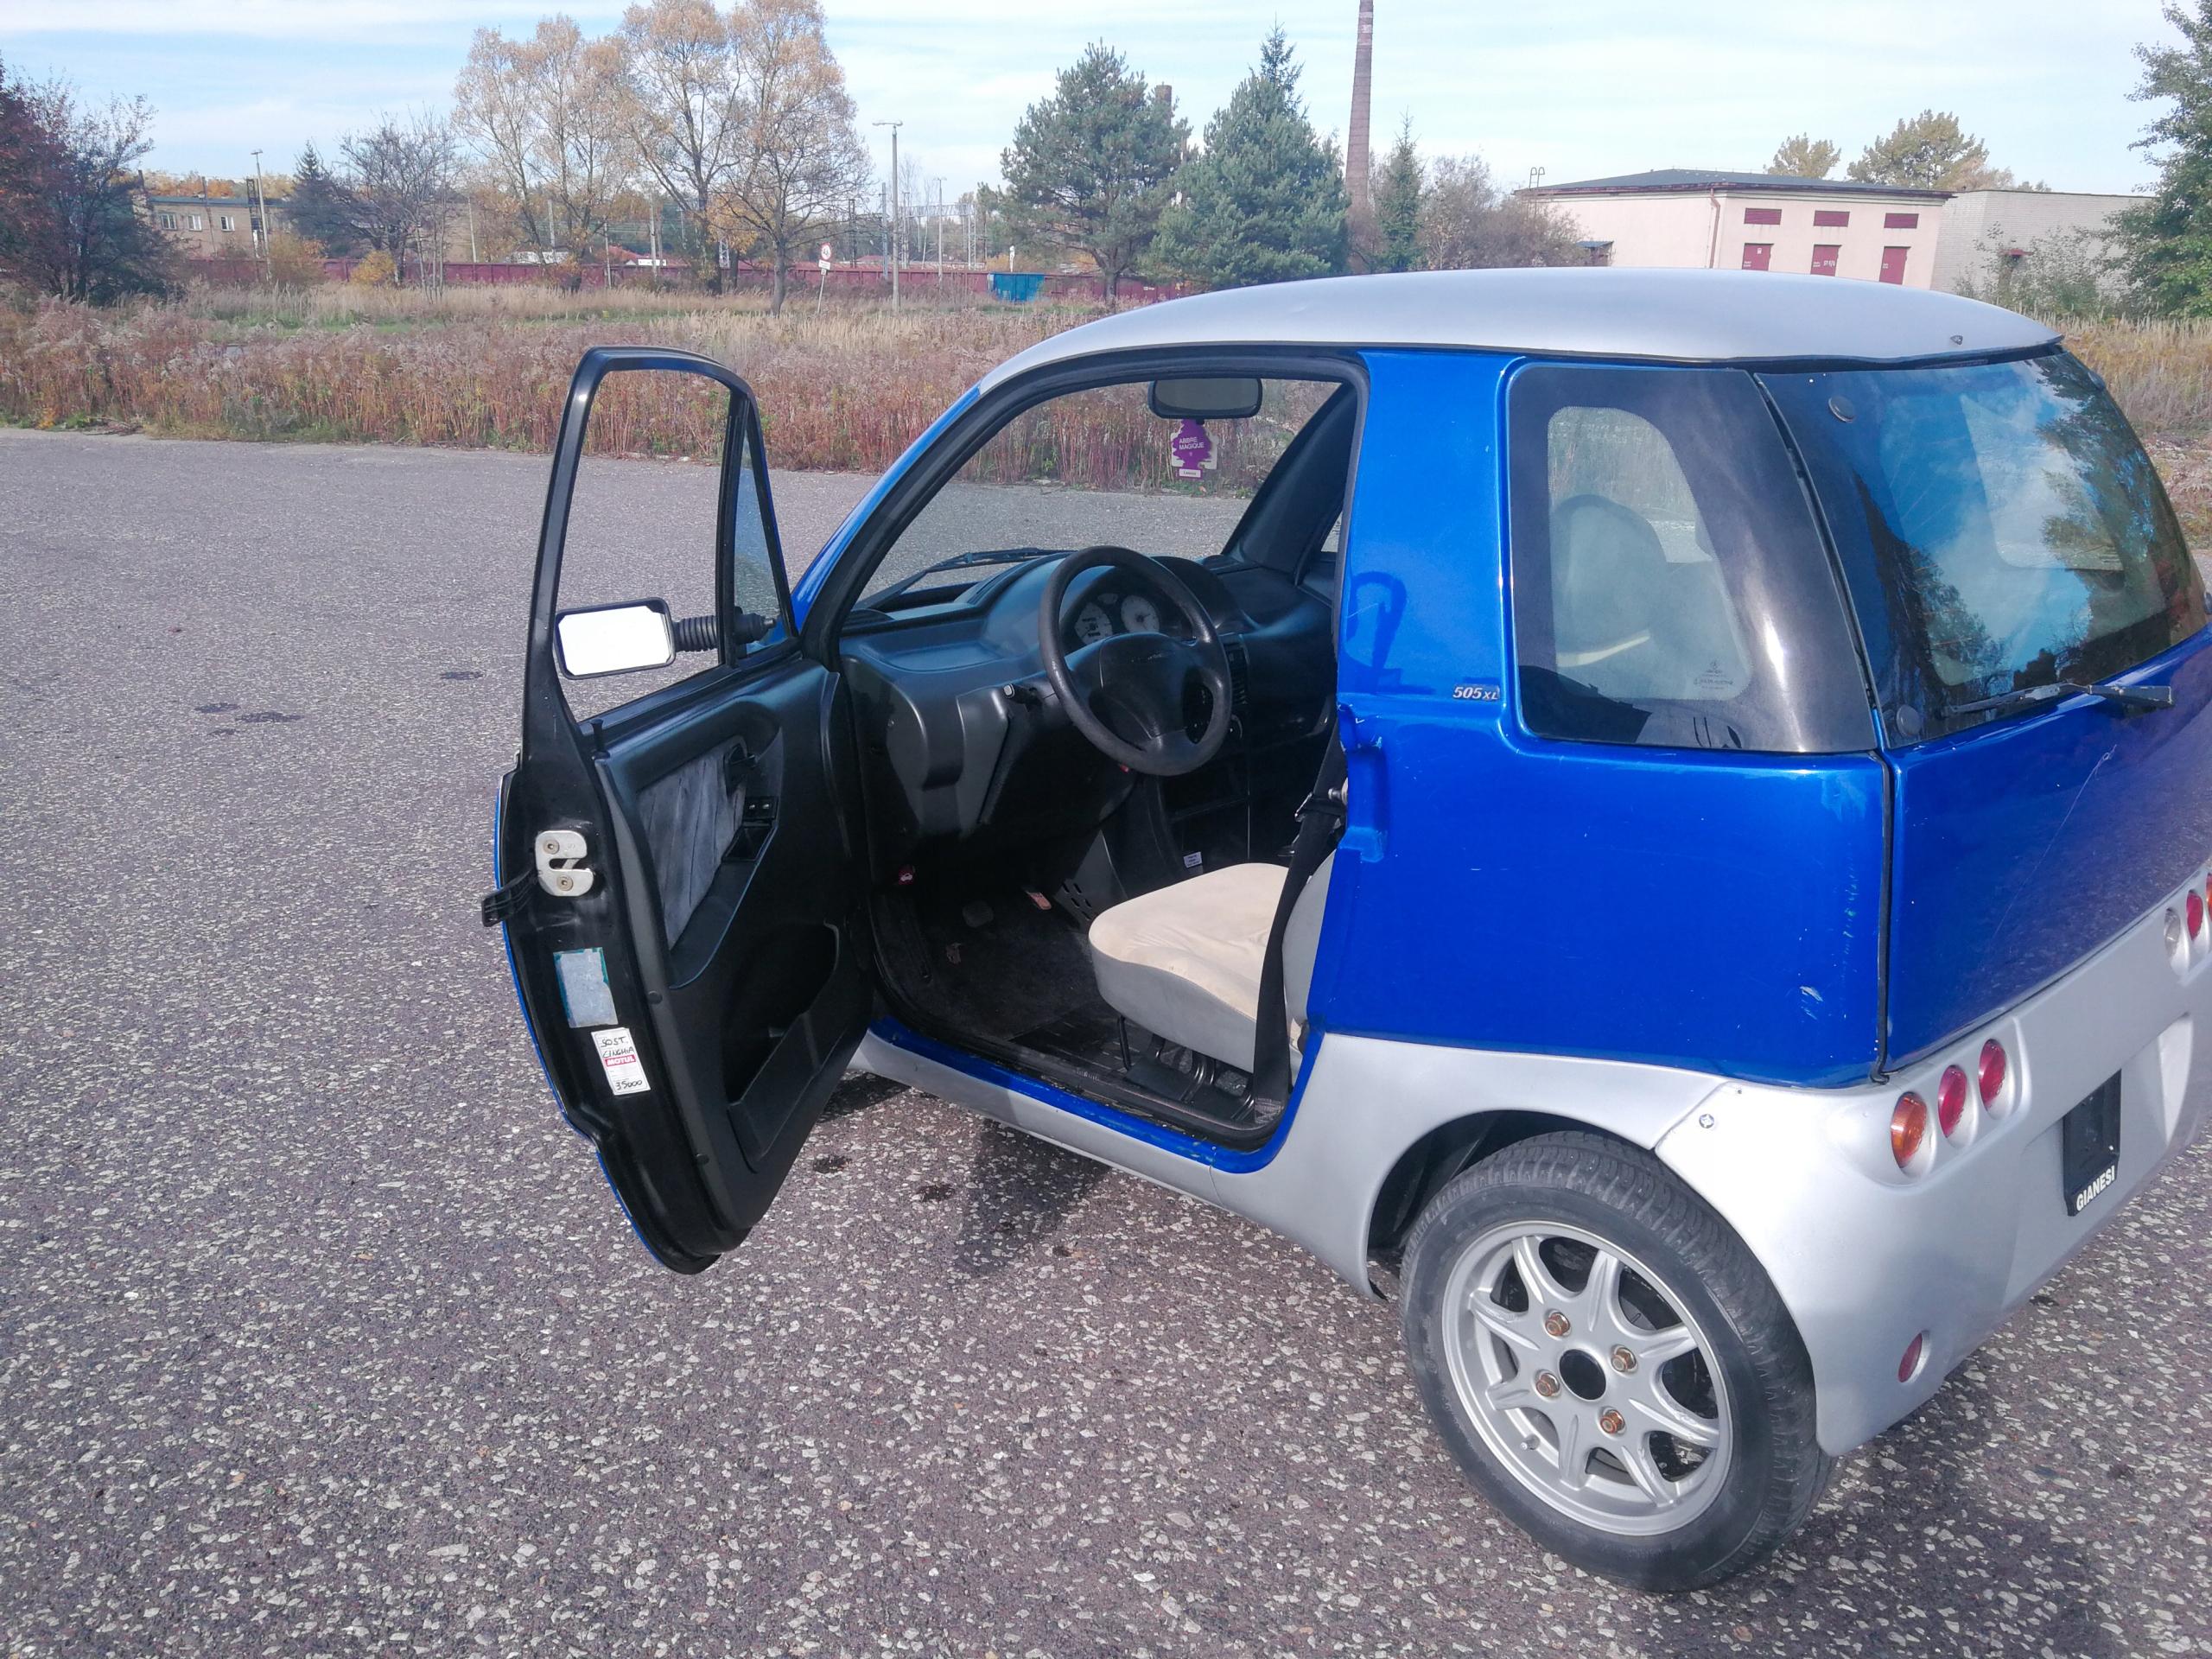 Bez Prawa Jazdy W Kategorii Samochody W Oficjalnym Archiwum Allegro Archiwum Ofert